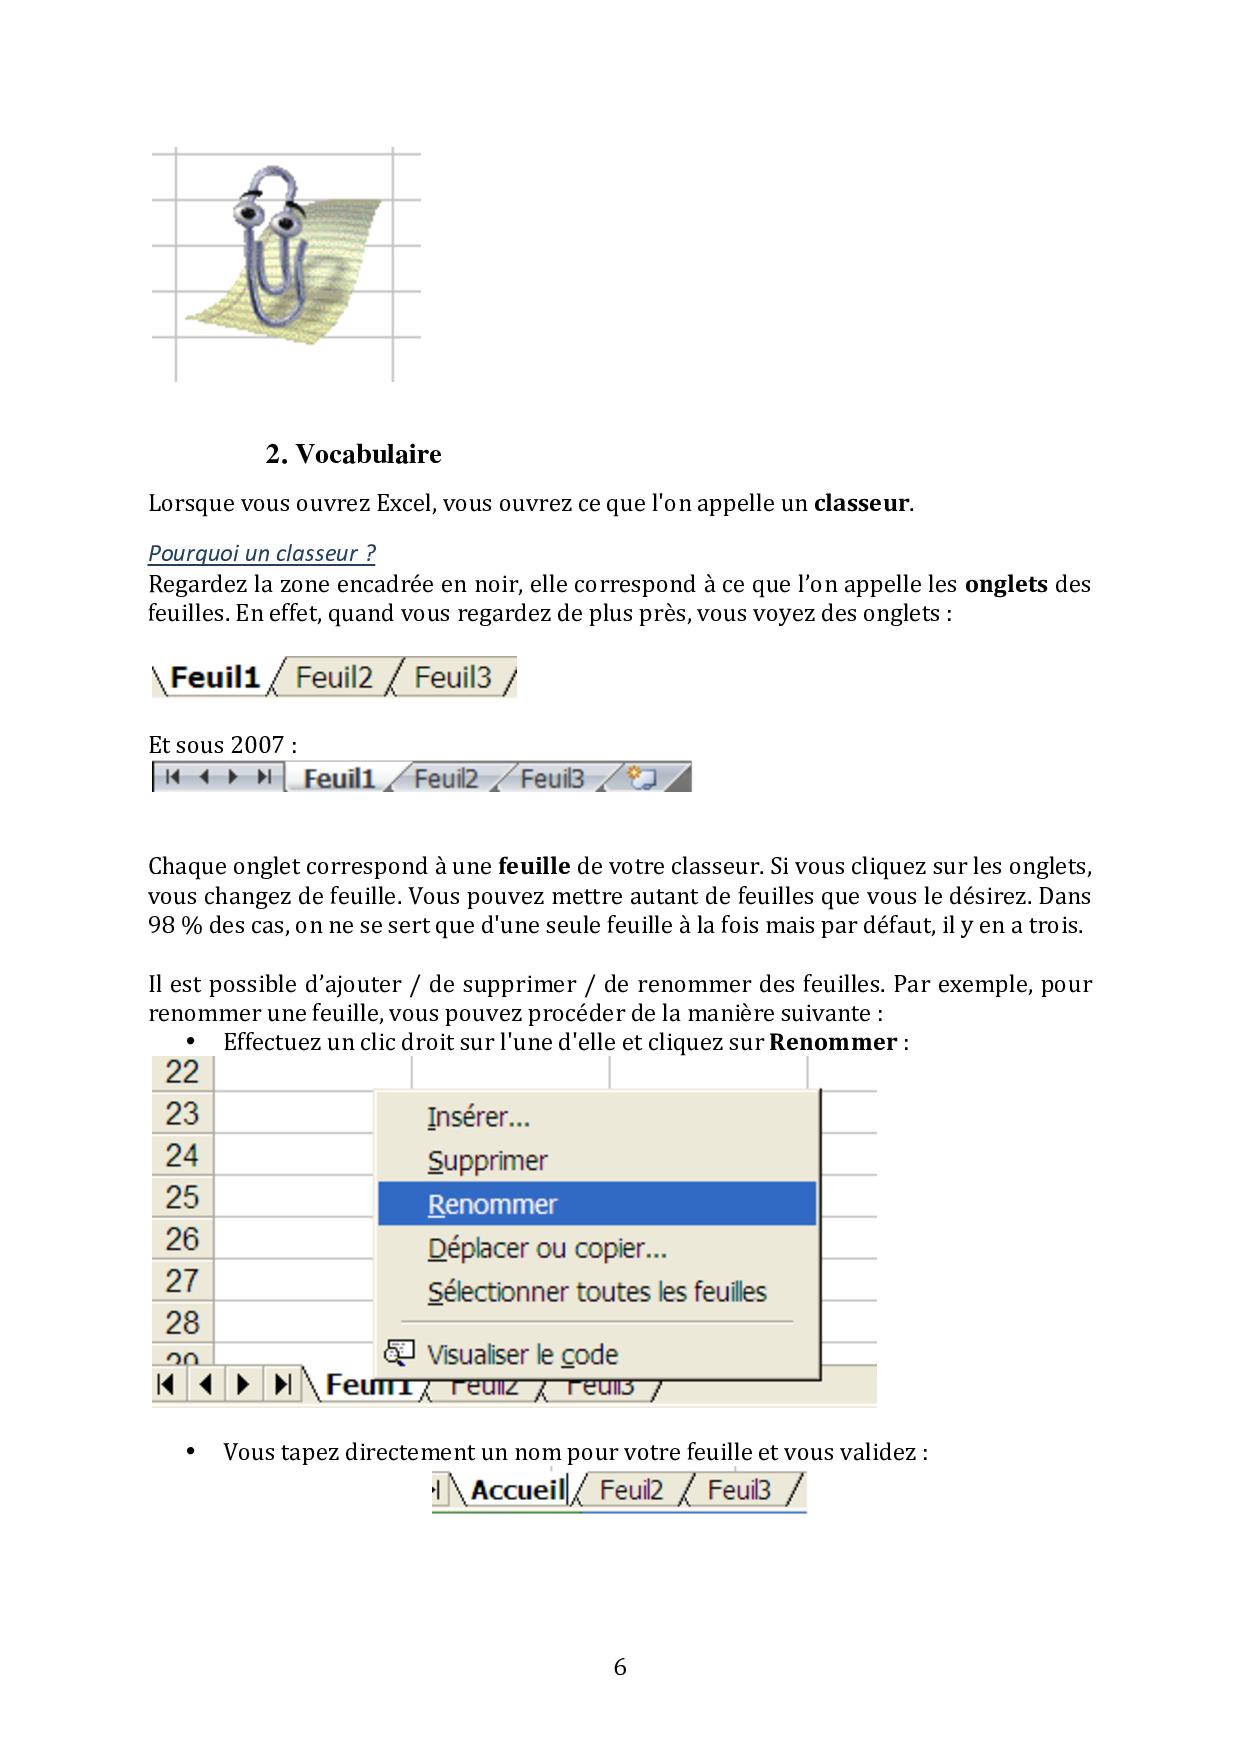 cours d informatique excel 2007 pdf